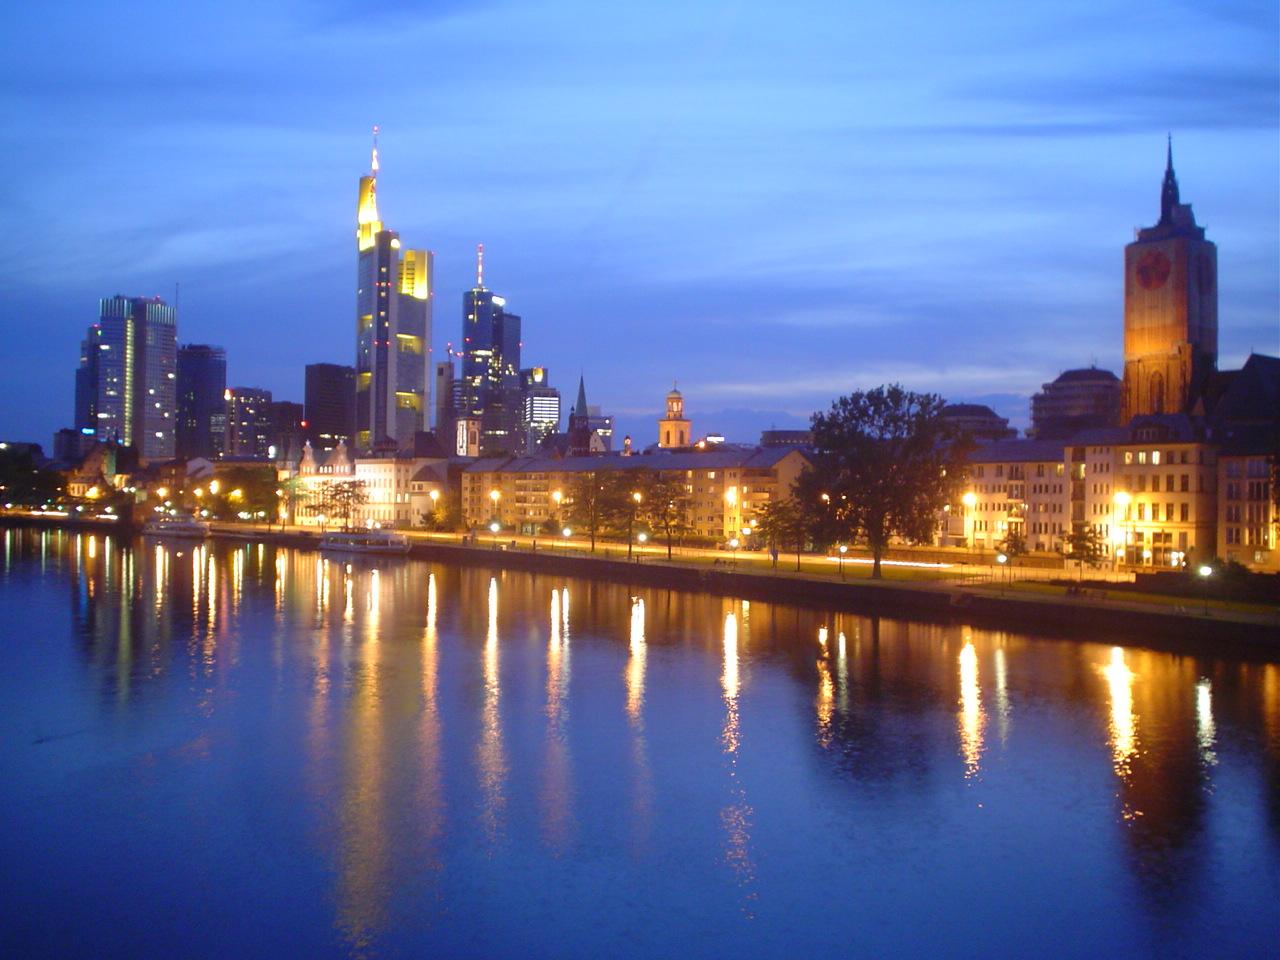 Vista de Frankfurt e do rio com a skyline e os arranha céus, Alemanha